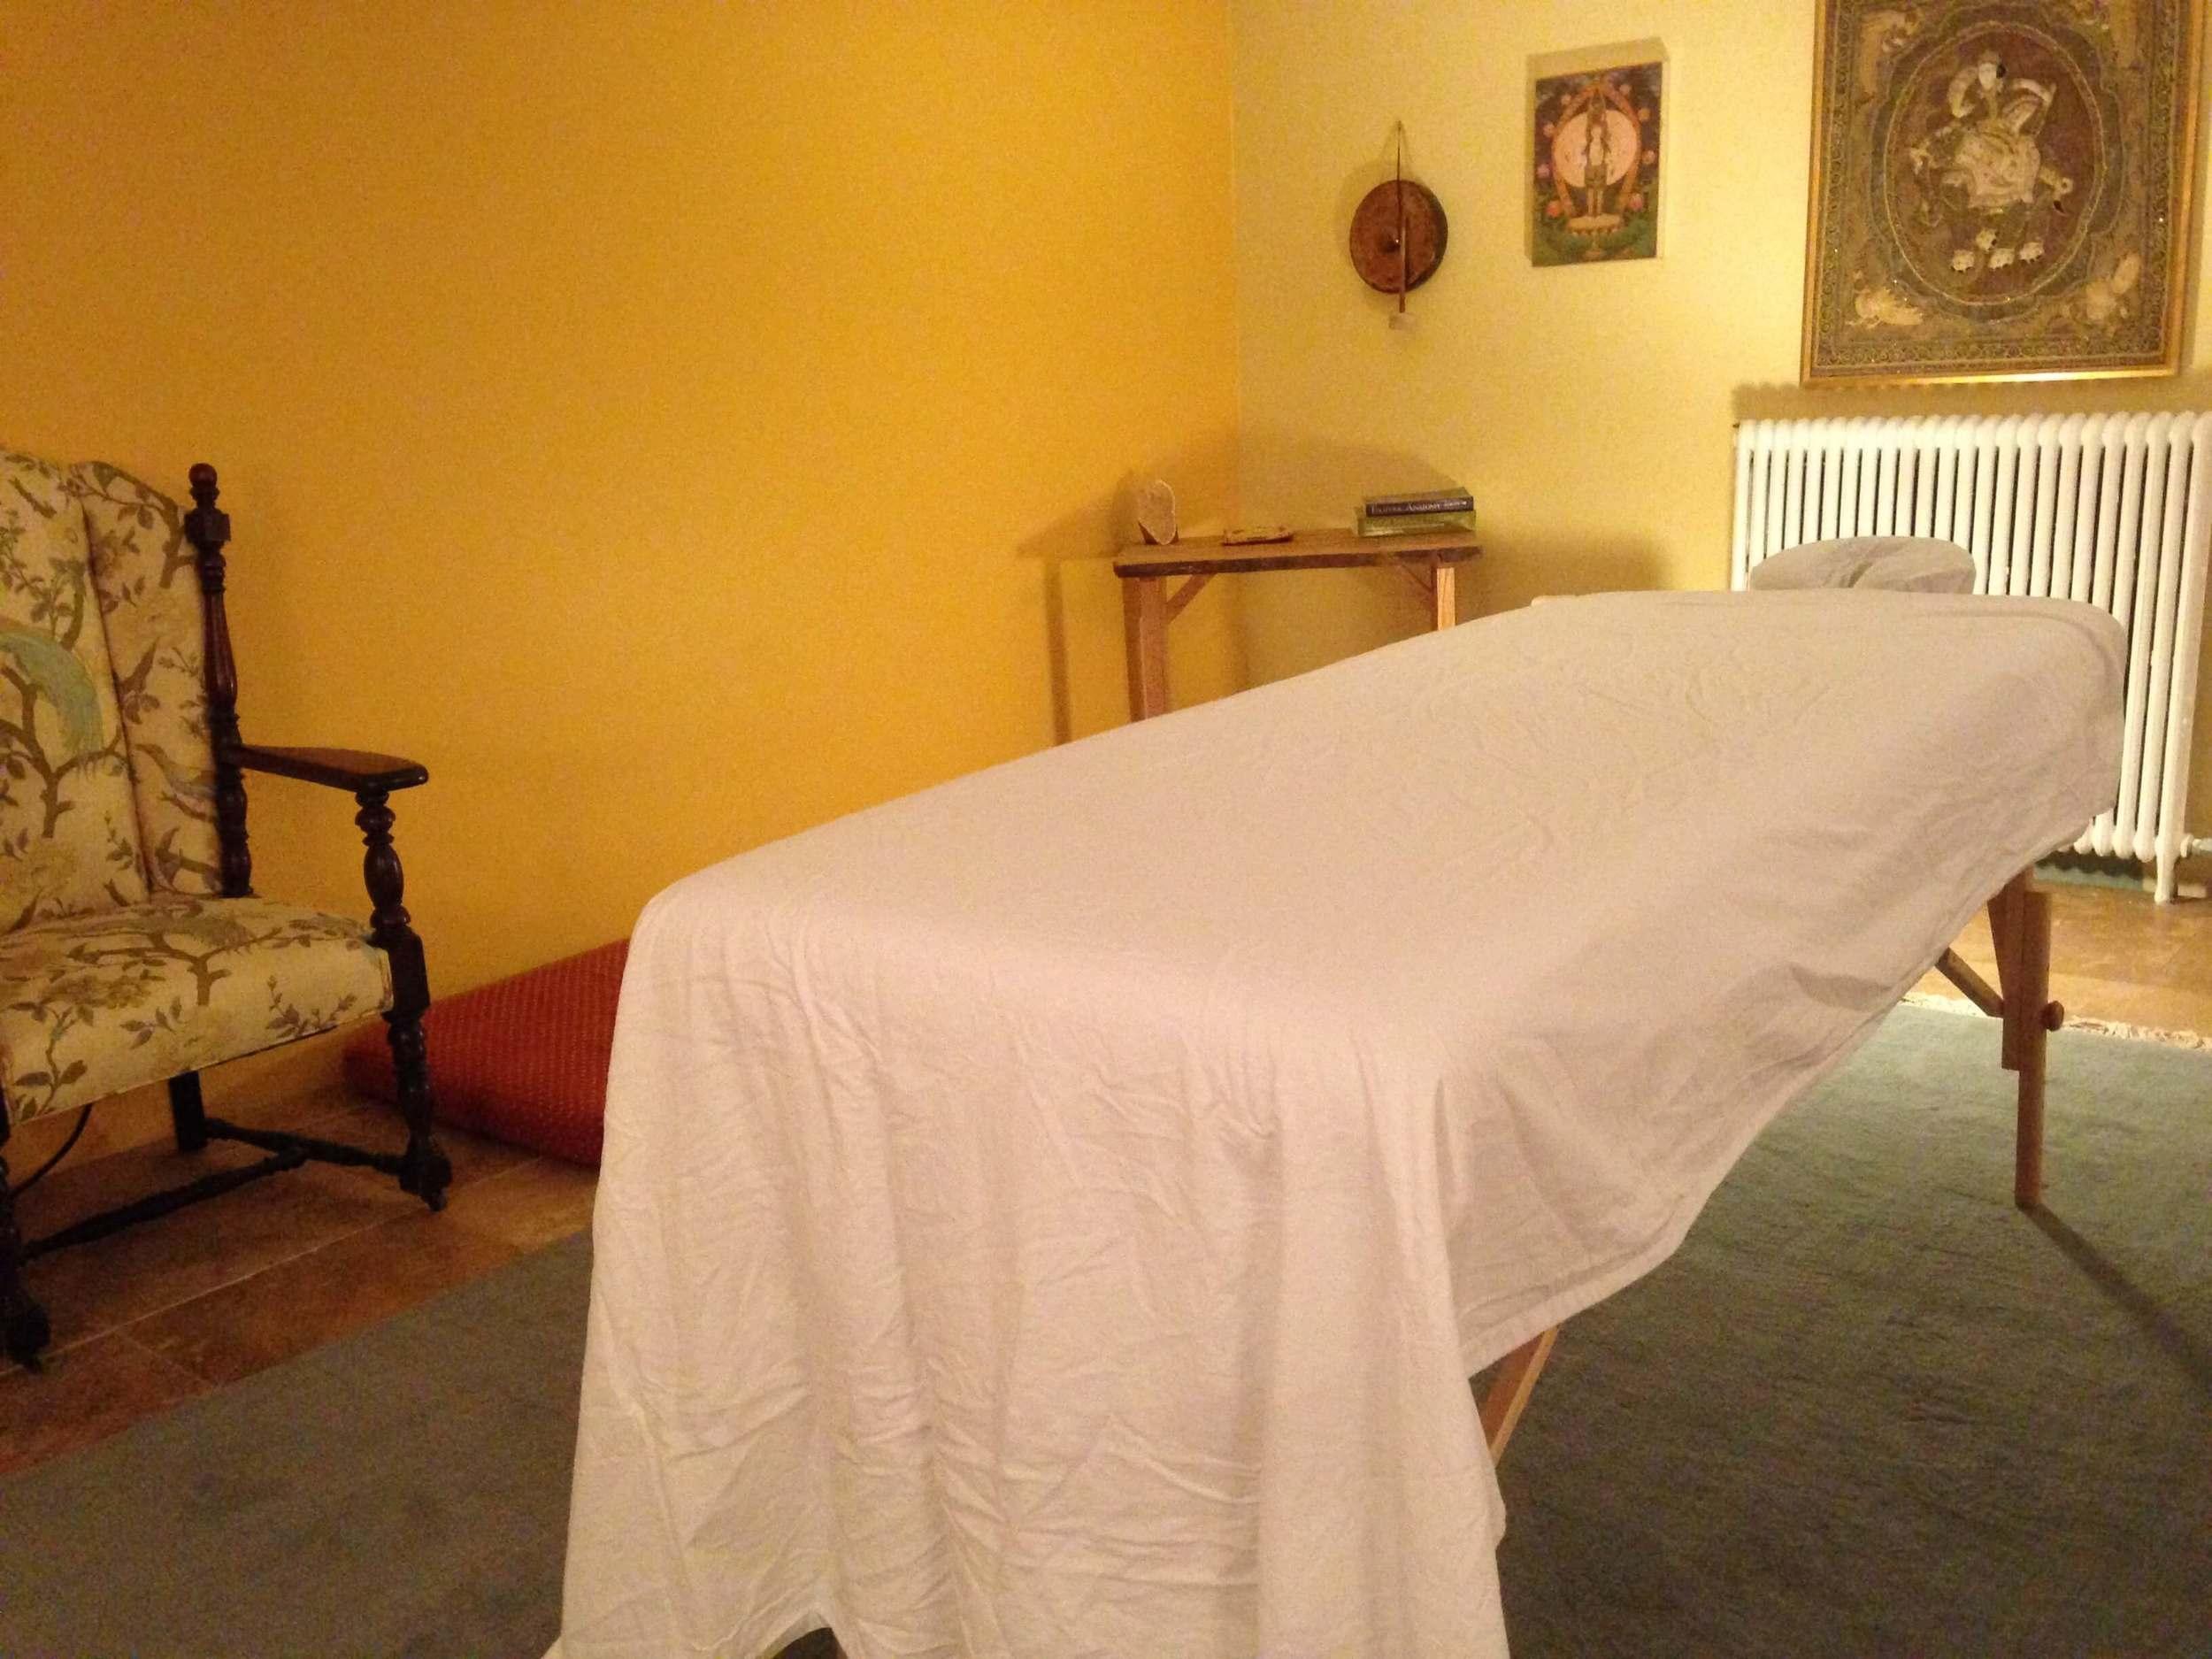 Monarch Massage Therapy DC's massage studio for Deep Tissue, Sports massage, Therapeutic massage, Prenatal massage, and swedish massage